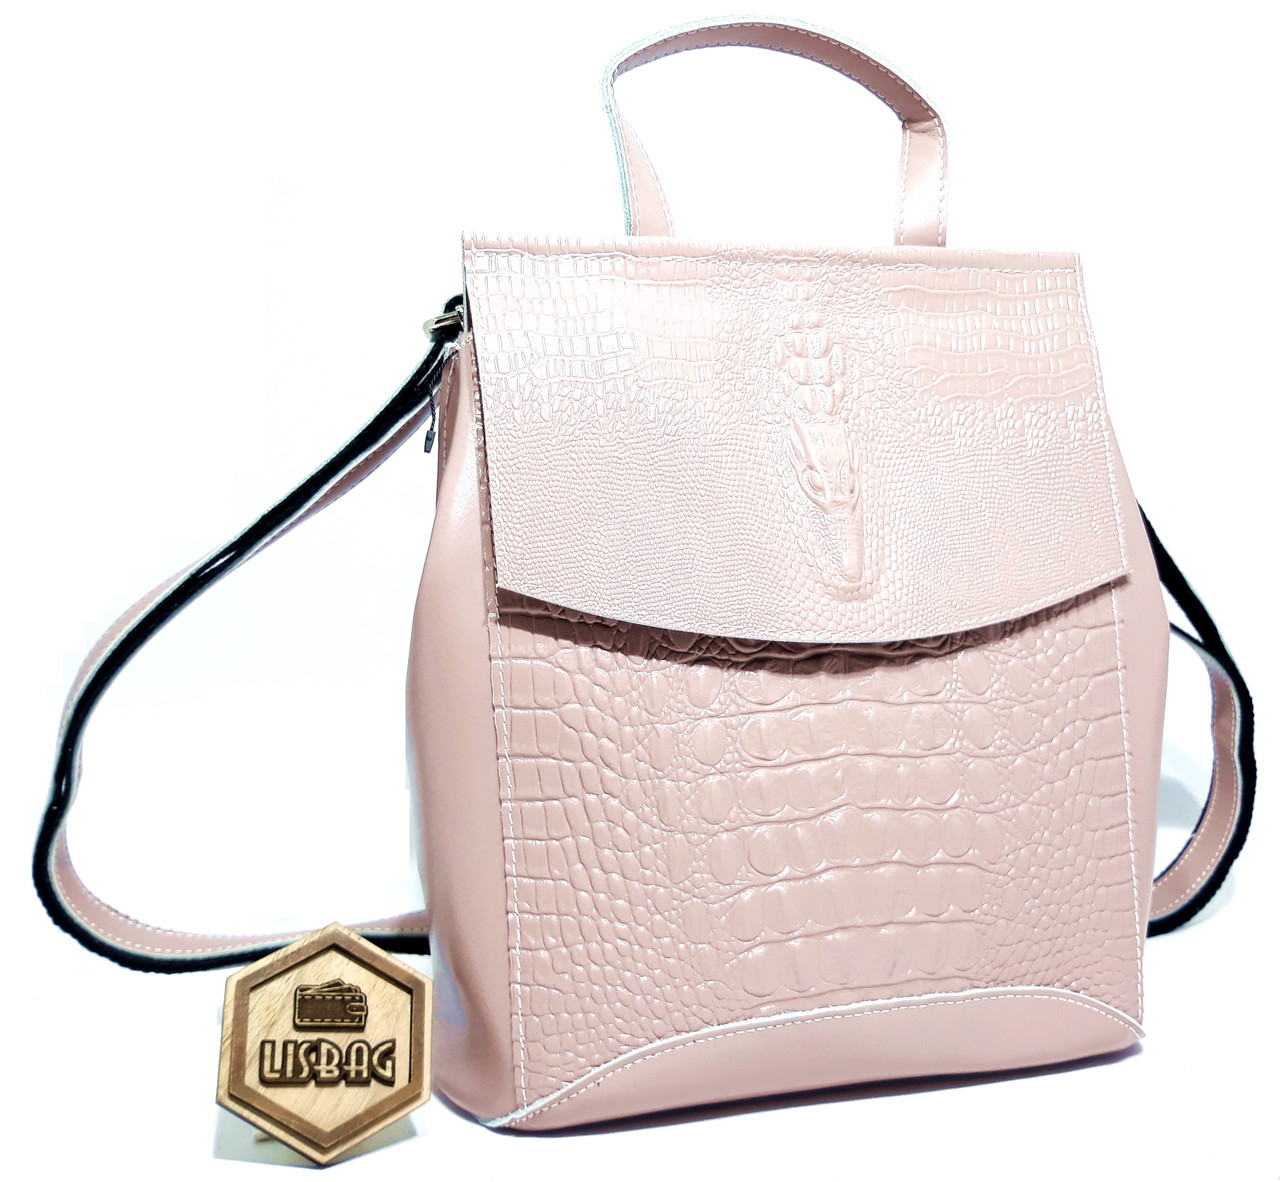 93bb6cb2c685 Женский Нежно-розовый классический кожаный рюкзак-сумка крокодил, новинка